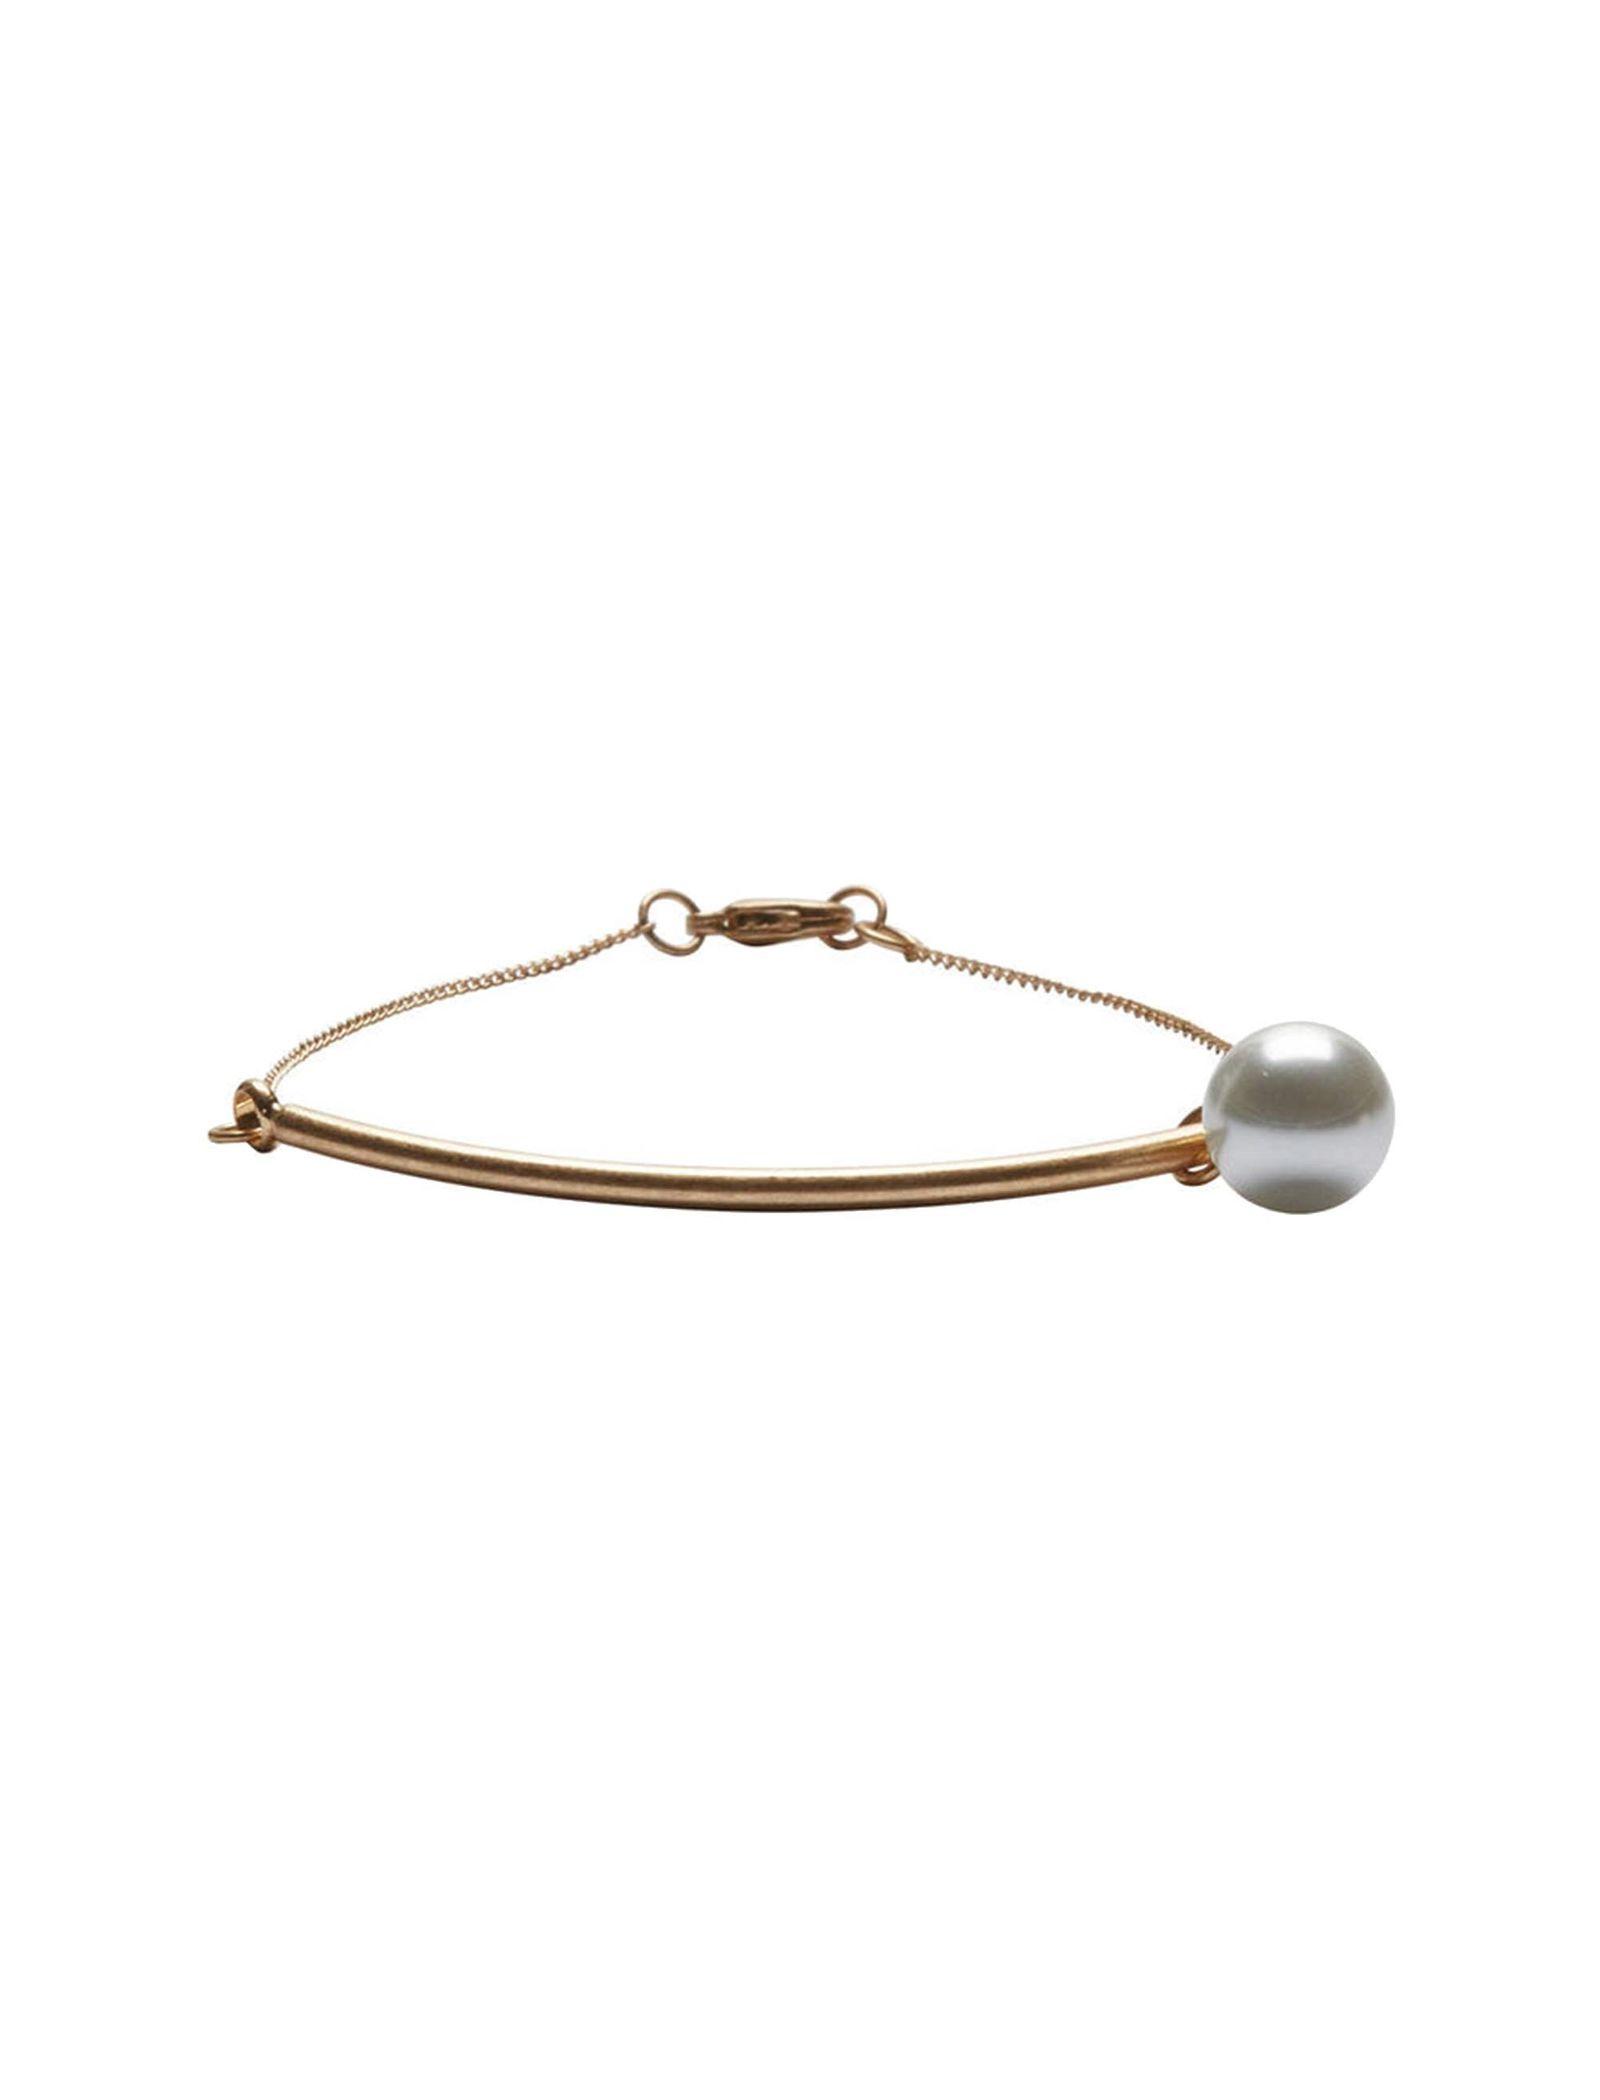 دستبند فلزی زنانه - سلکتد - طلايي - 1